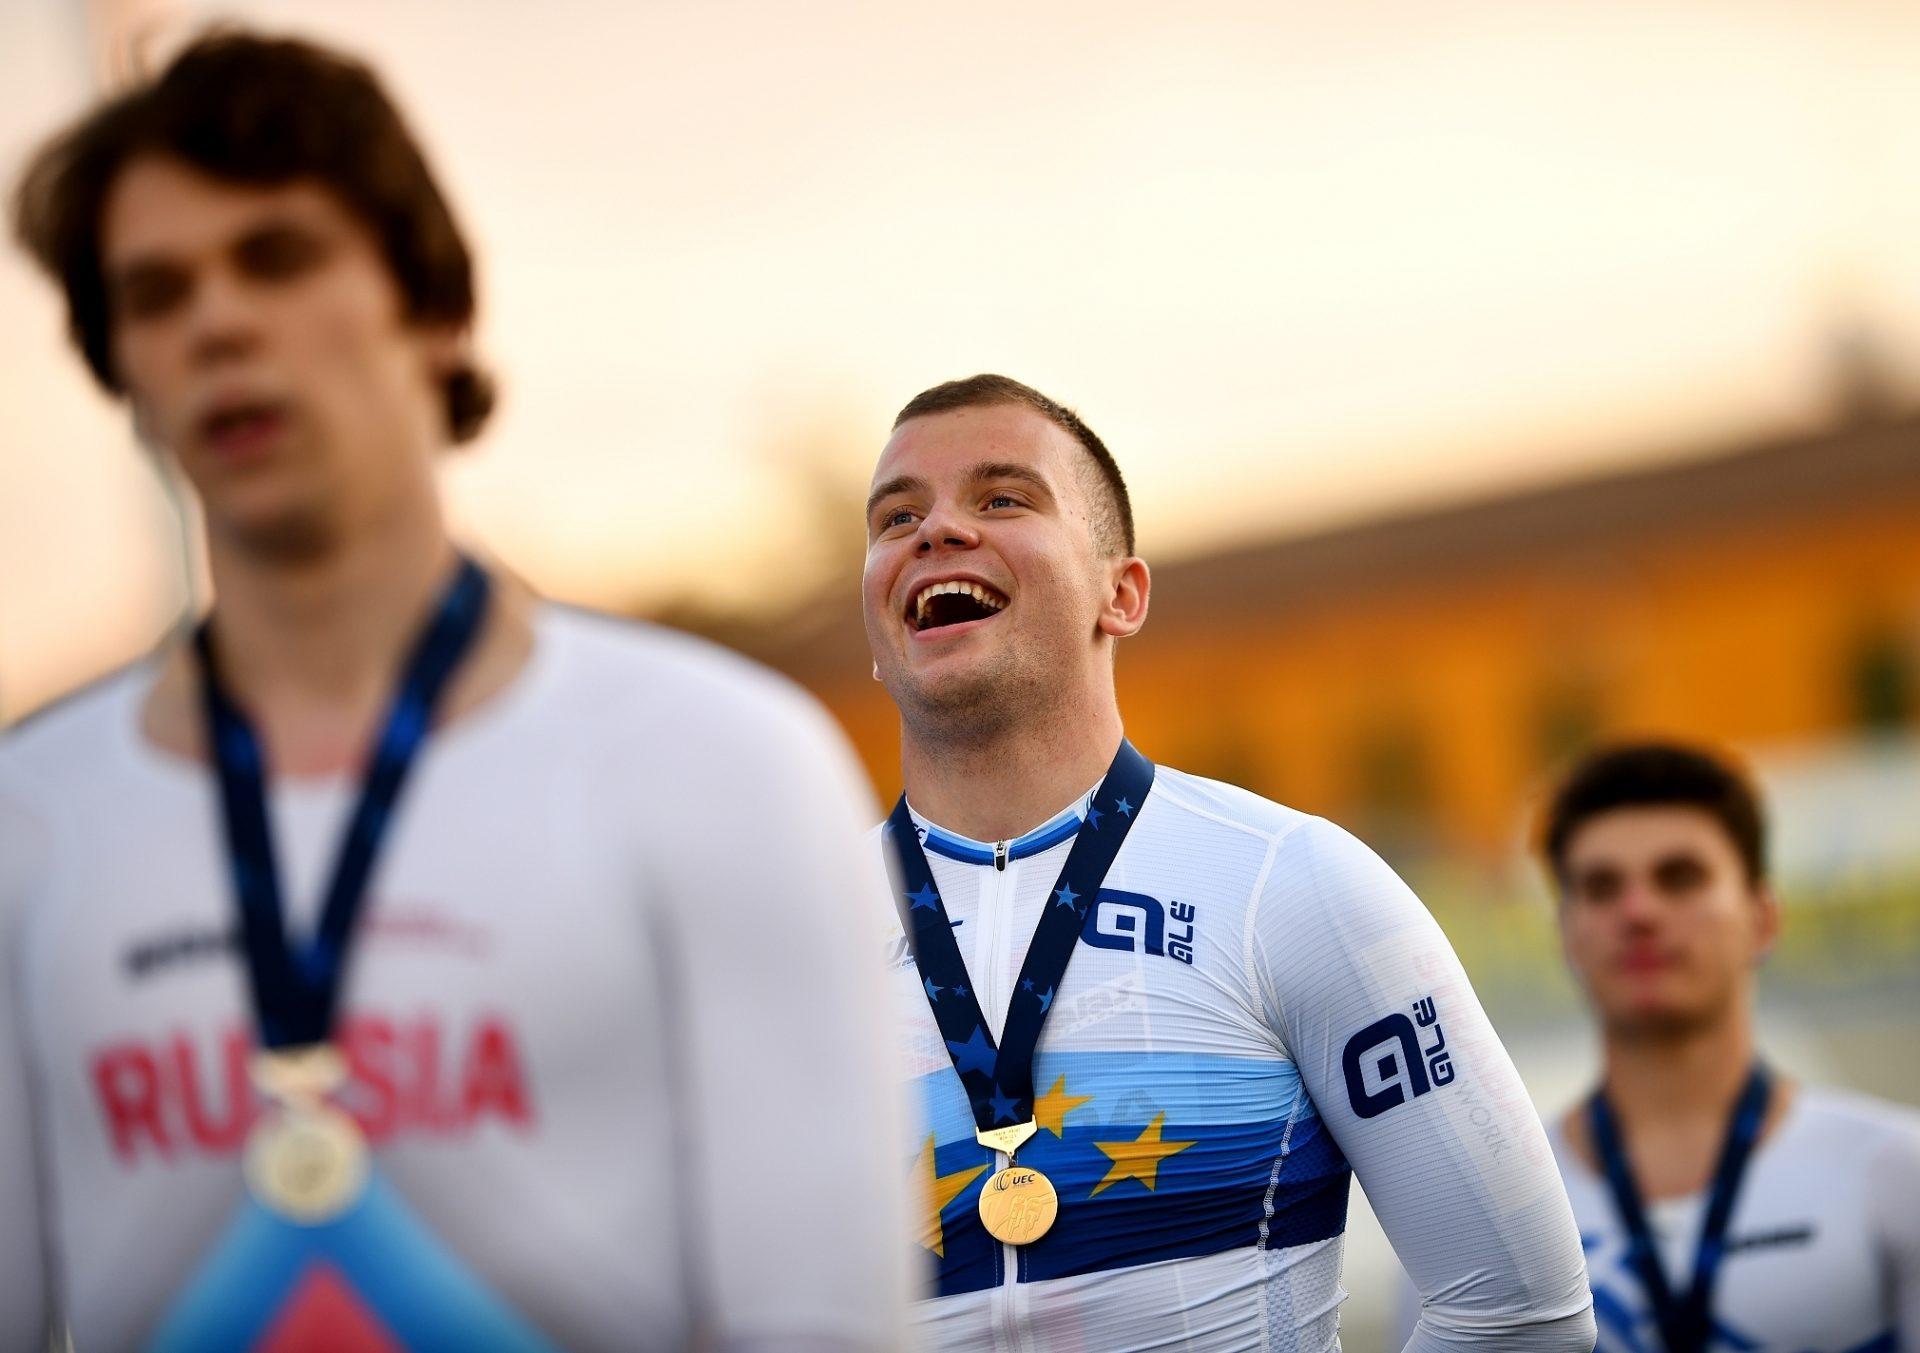 Martin Čechman se zlatou medailí pro mistra Evropy do 23 let, kterou vybojoval na otevřené dráze v Itálii. Foto: Martin Straka